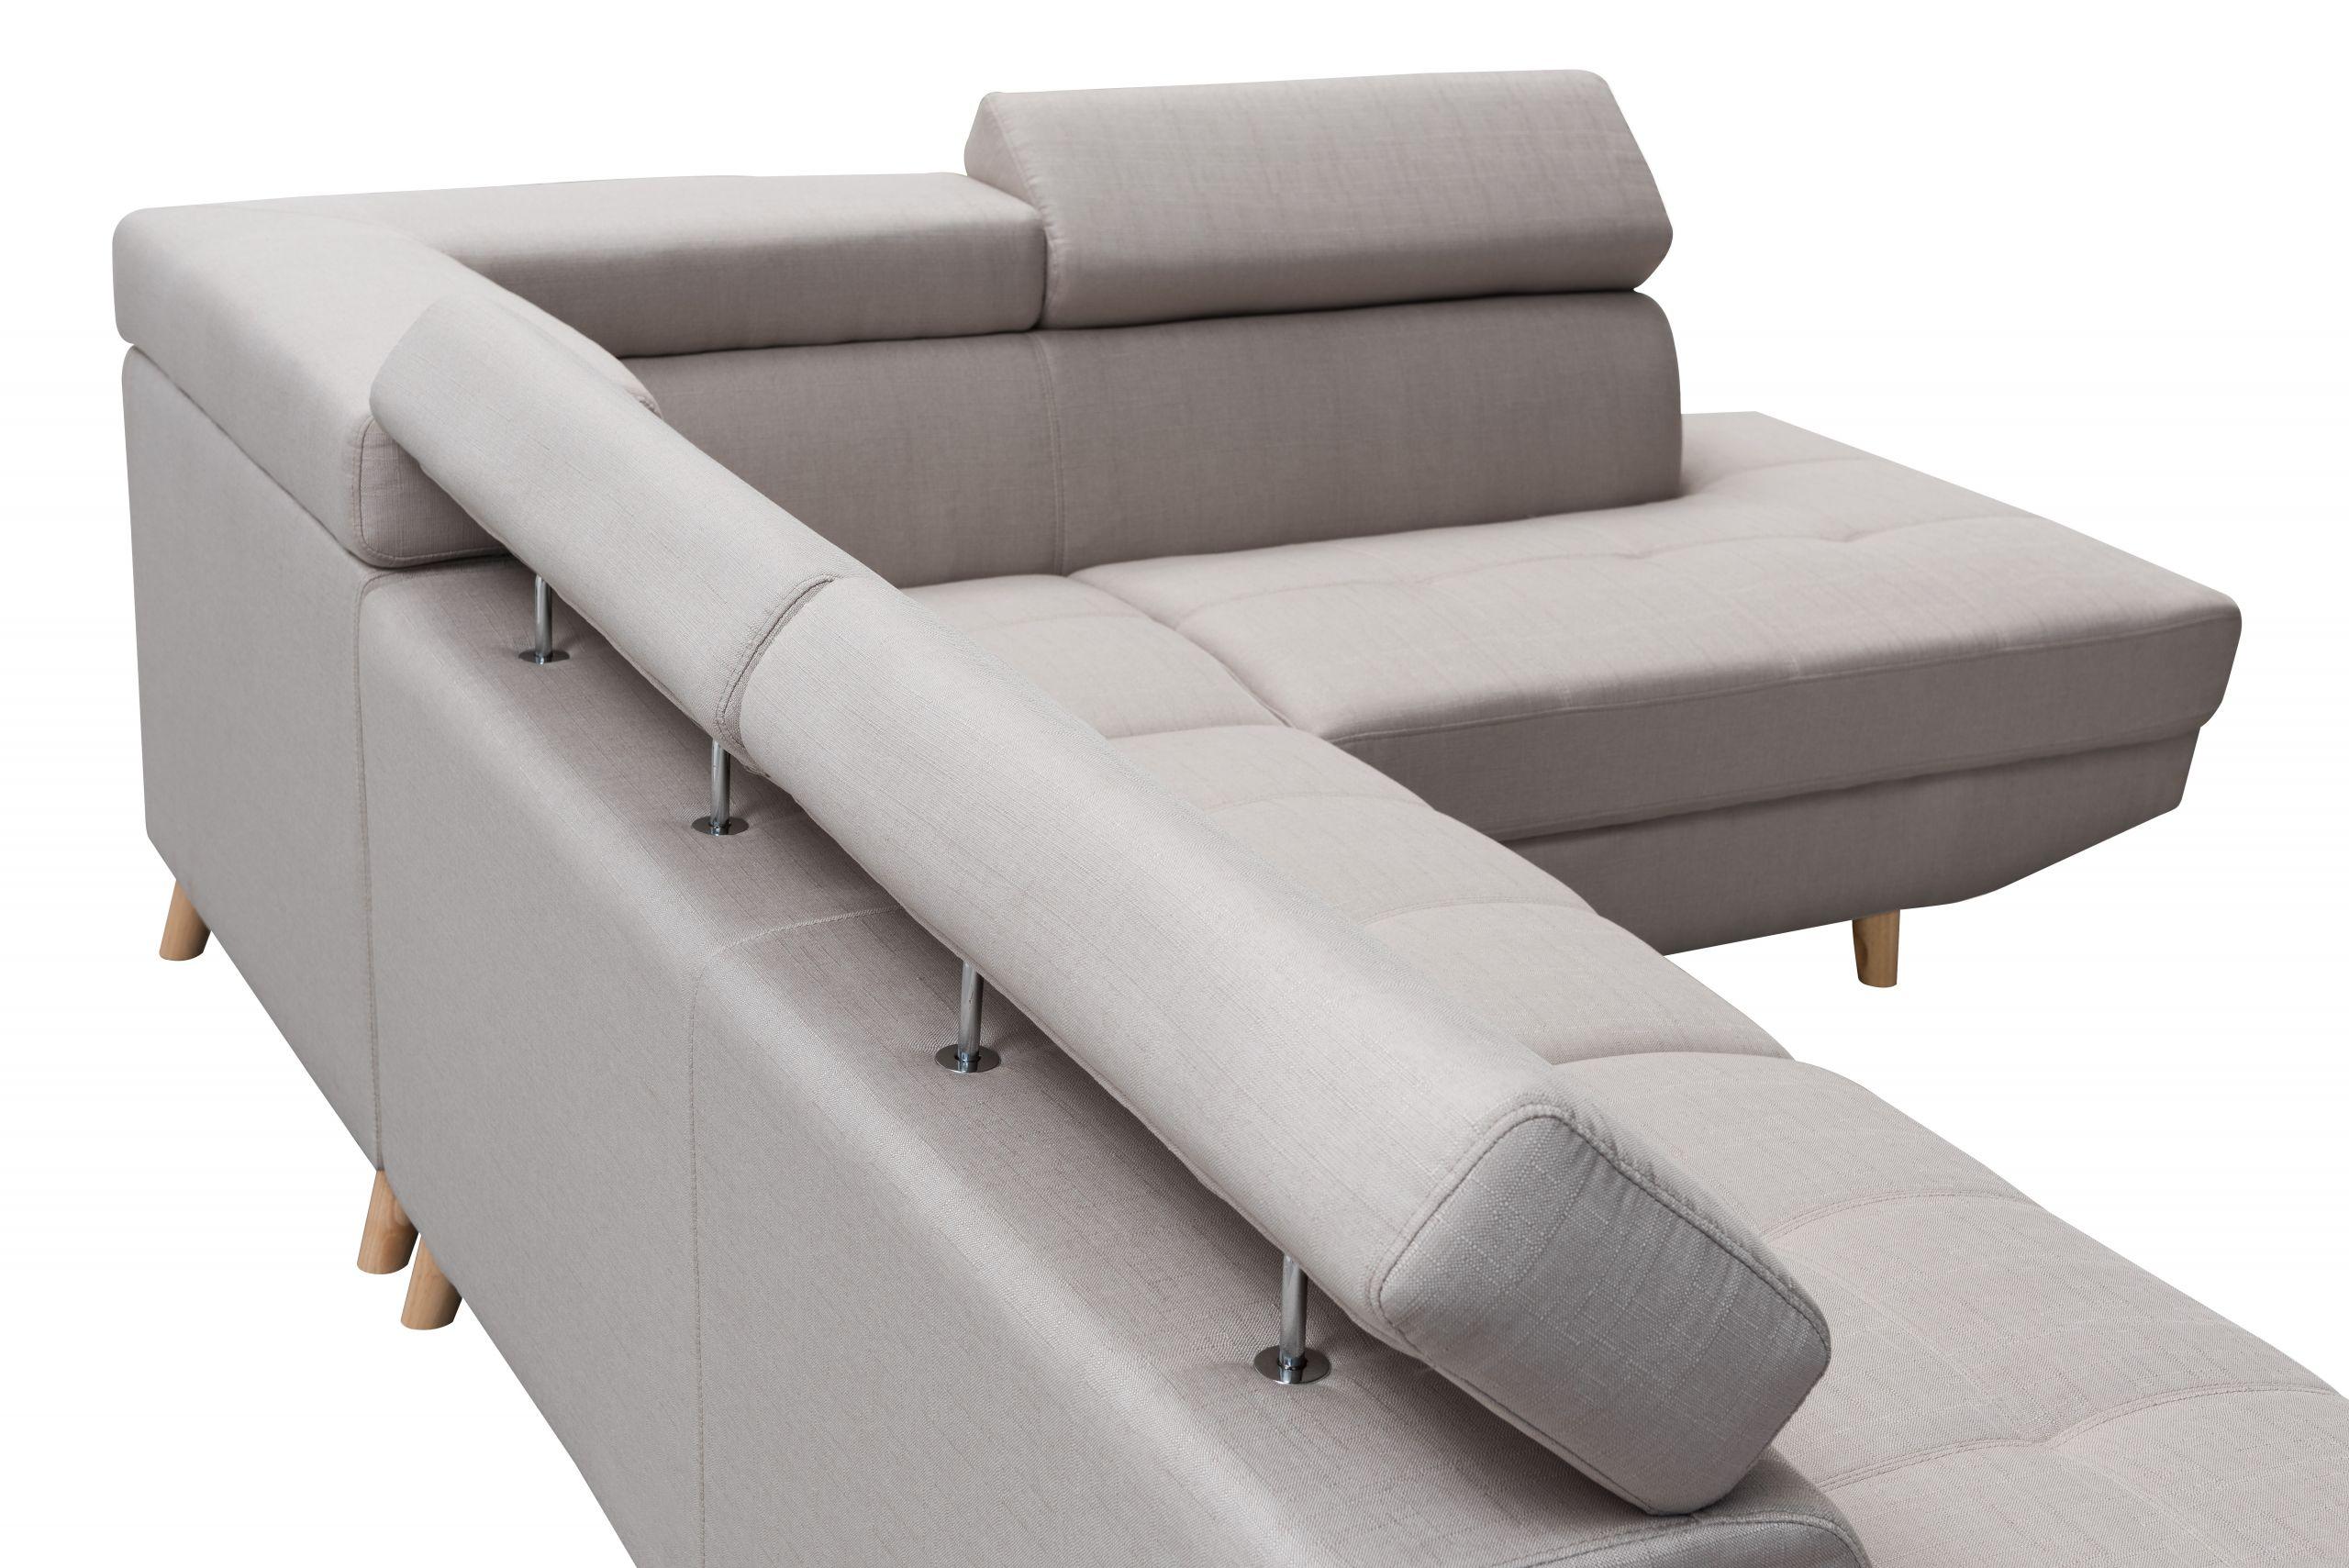 Canapé d angle droit style scandinave 4 places tissu beige